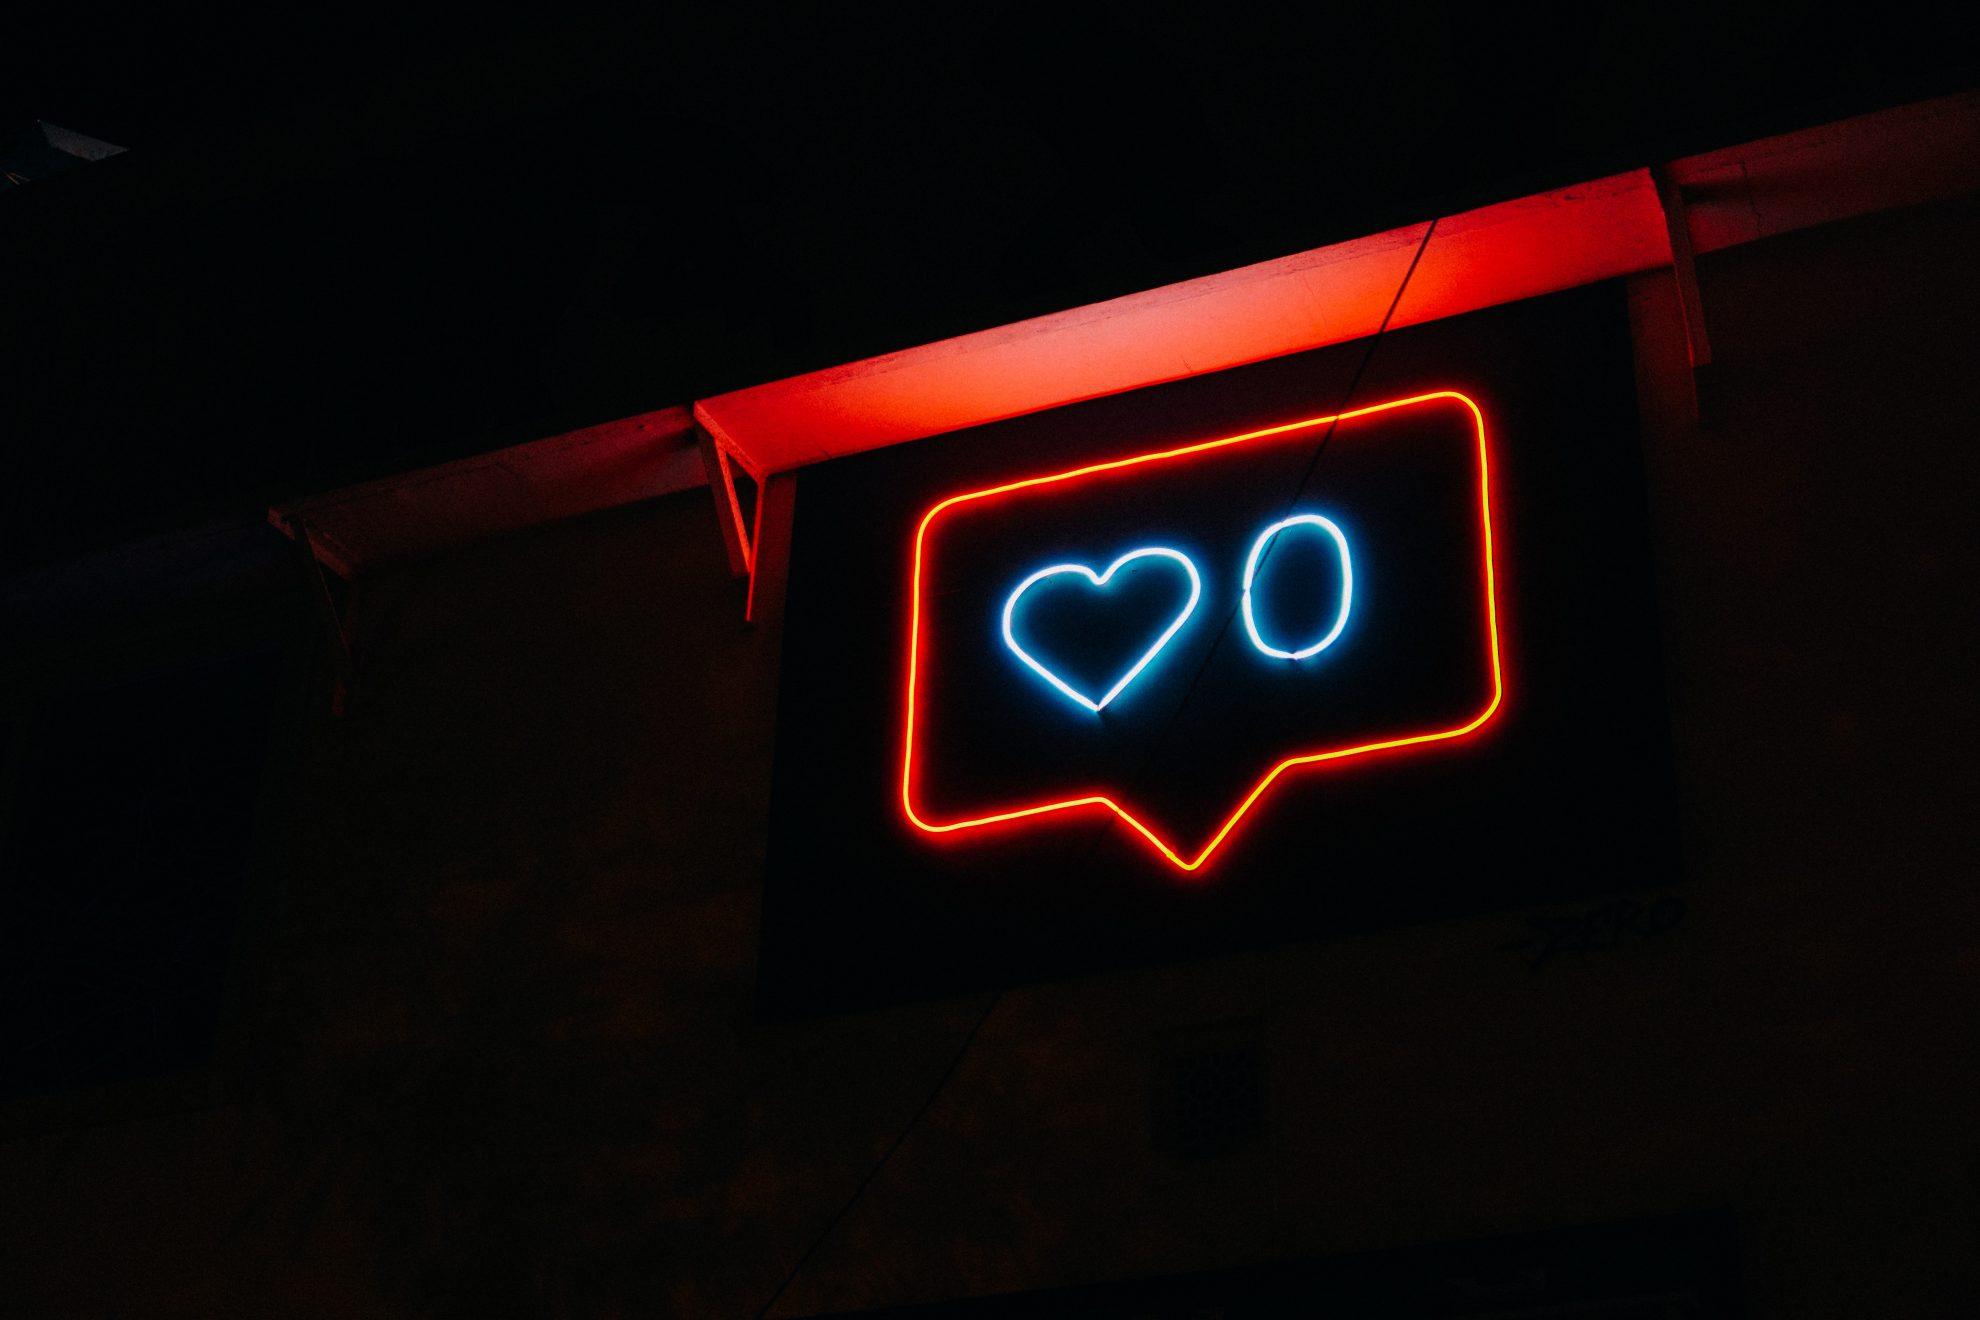 carlos velo psicología prateek katyal adicción redes sociales videojuegos